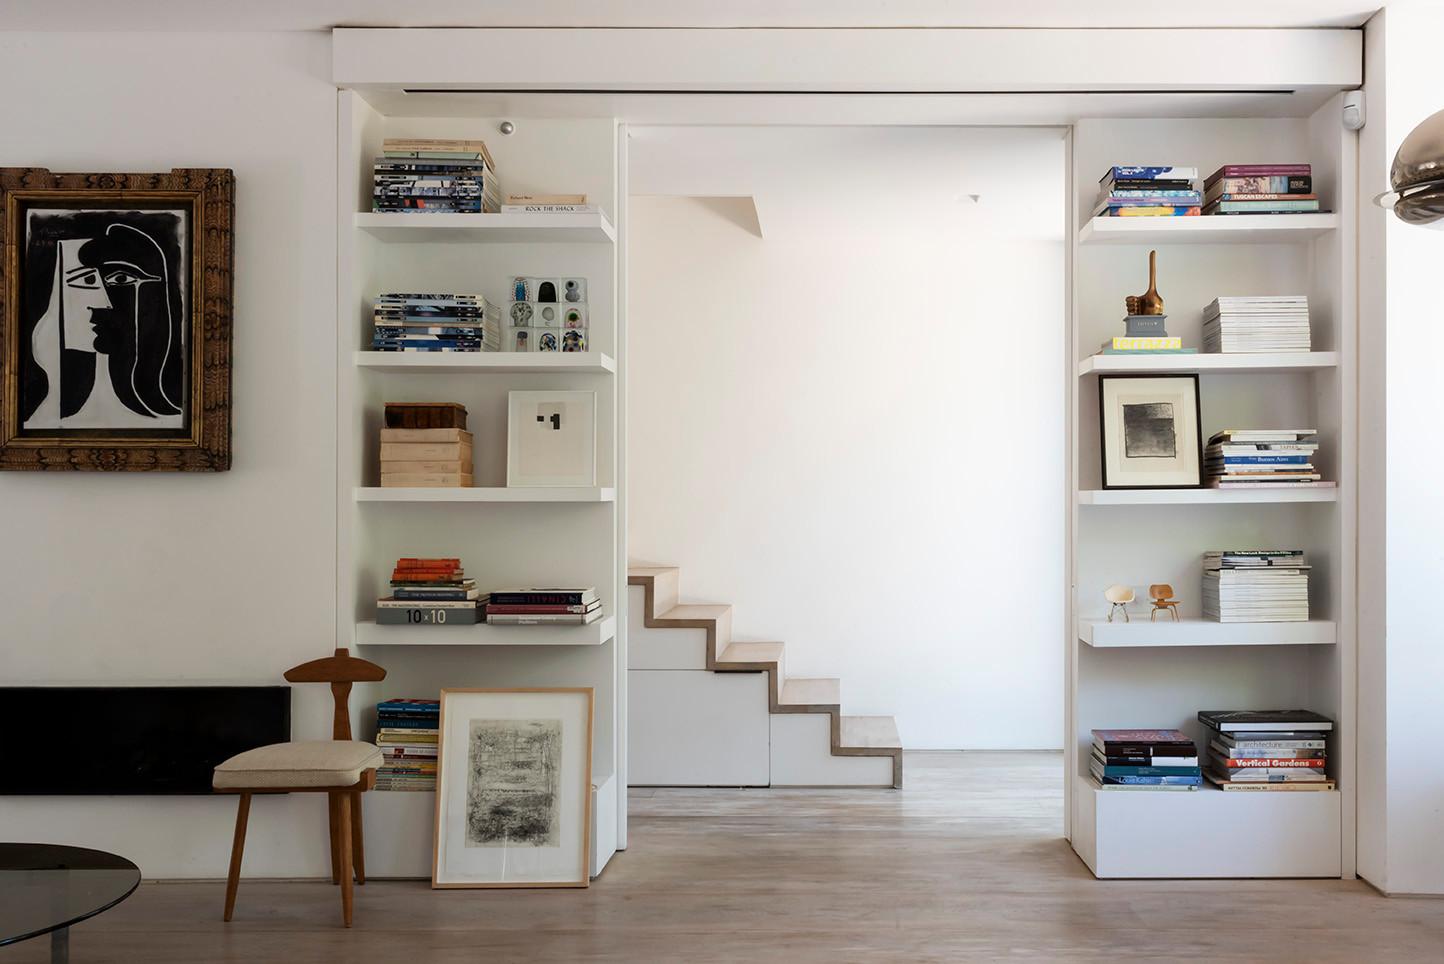 Library & staircase - Libreria & Scale